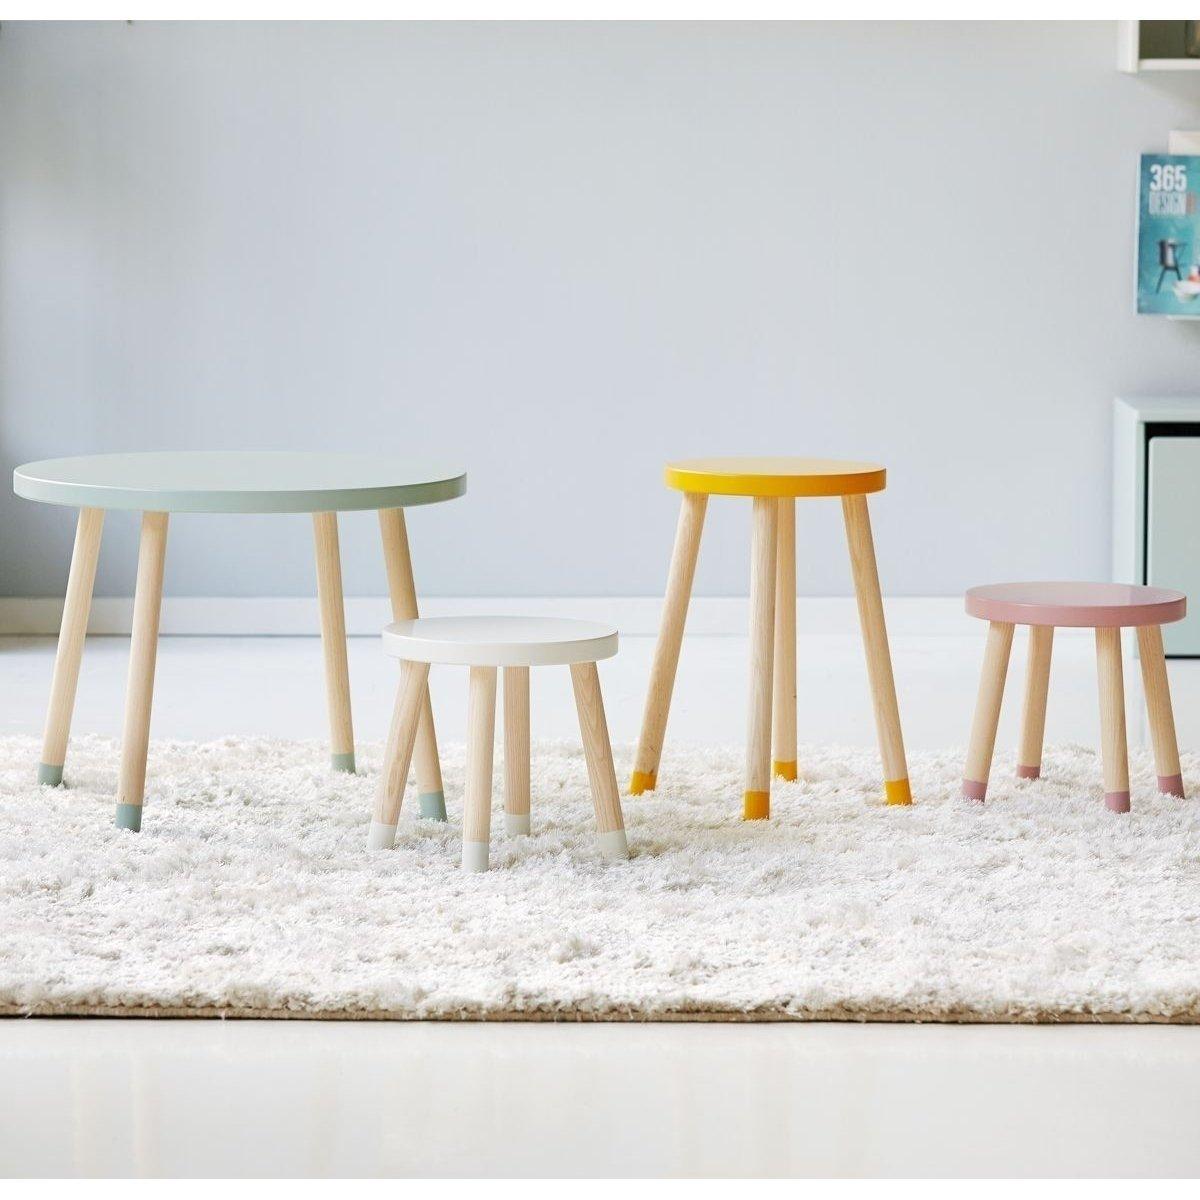 hocker 60 cm hoch elegant hocker schwarzgold hhe cm with. Black Bedroom Furniture Sets. Home Design Ideas